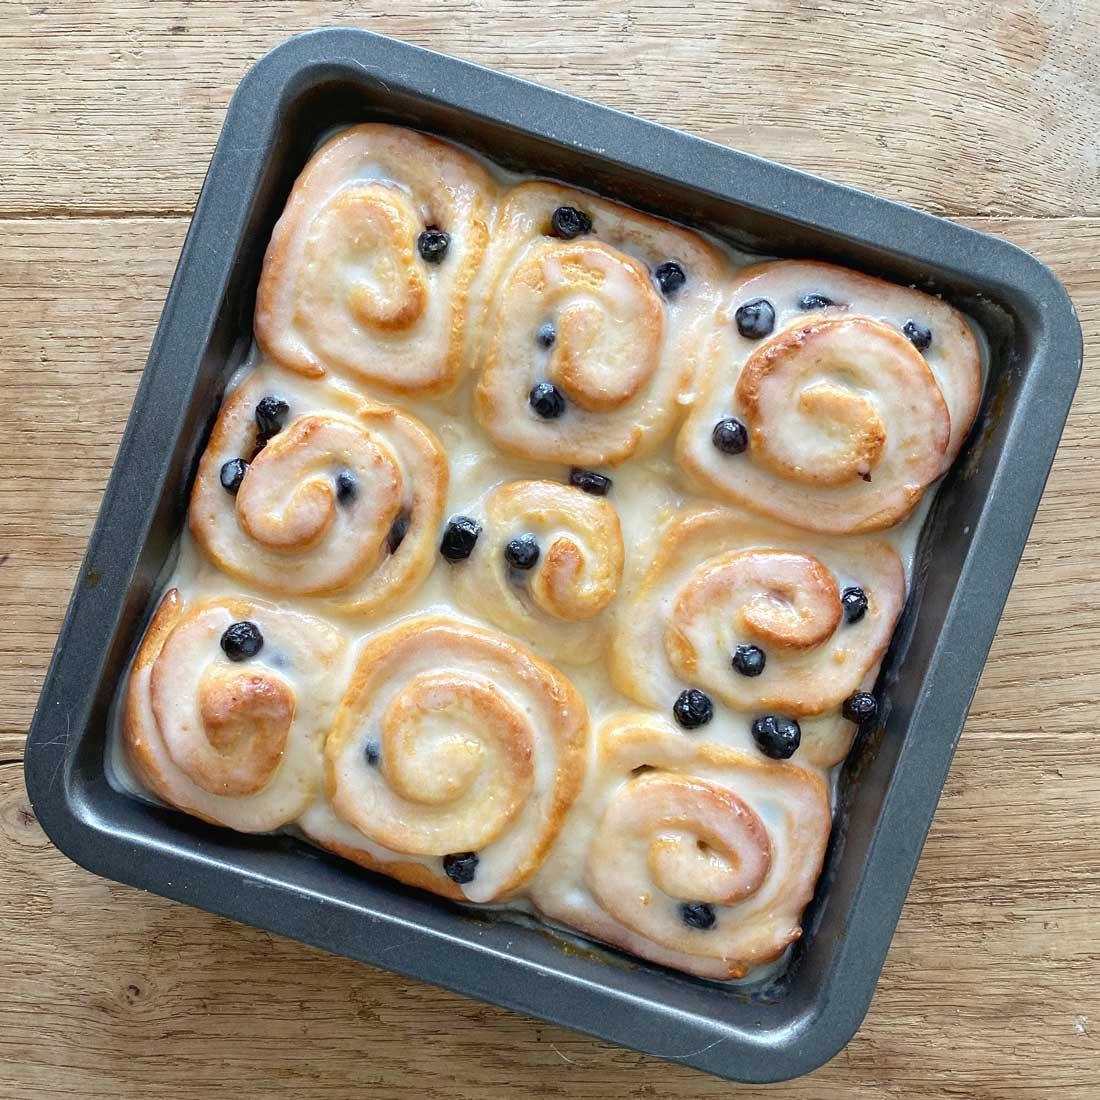 Lemon-blueberry-rolls-vierkant